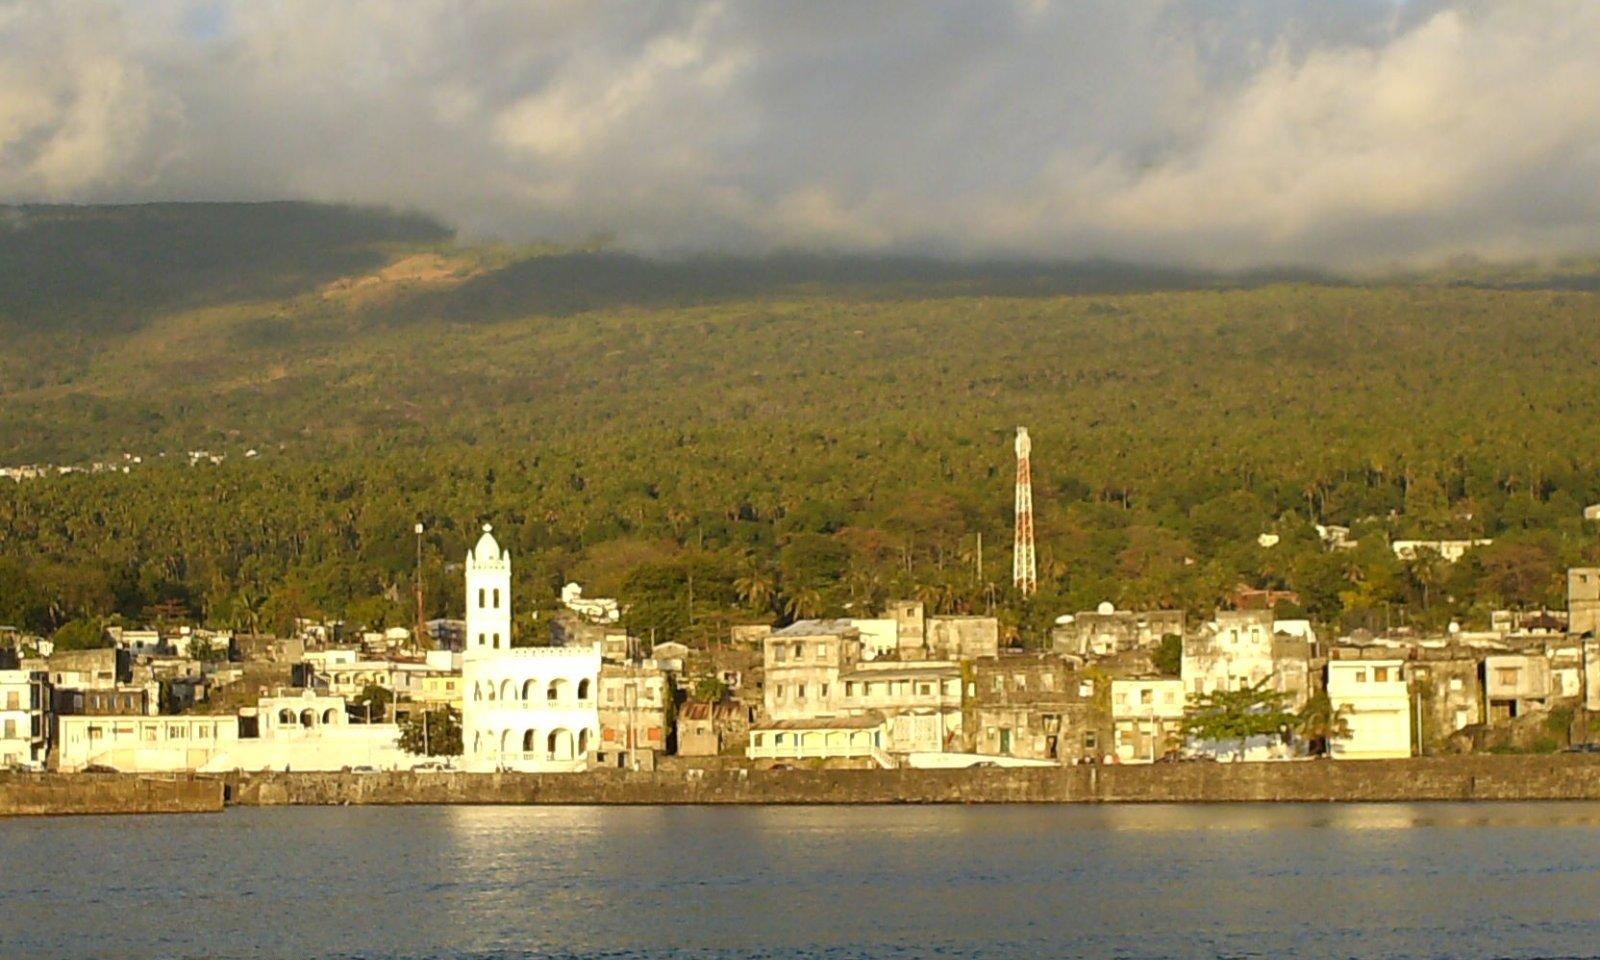 Moroni City